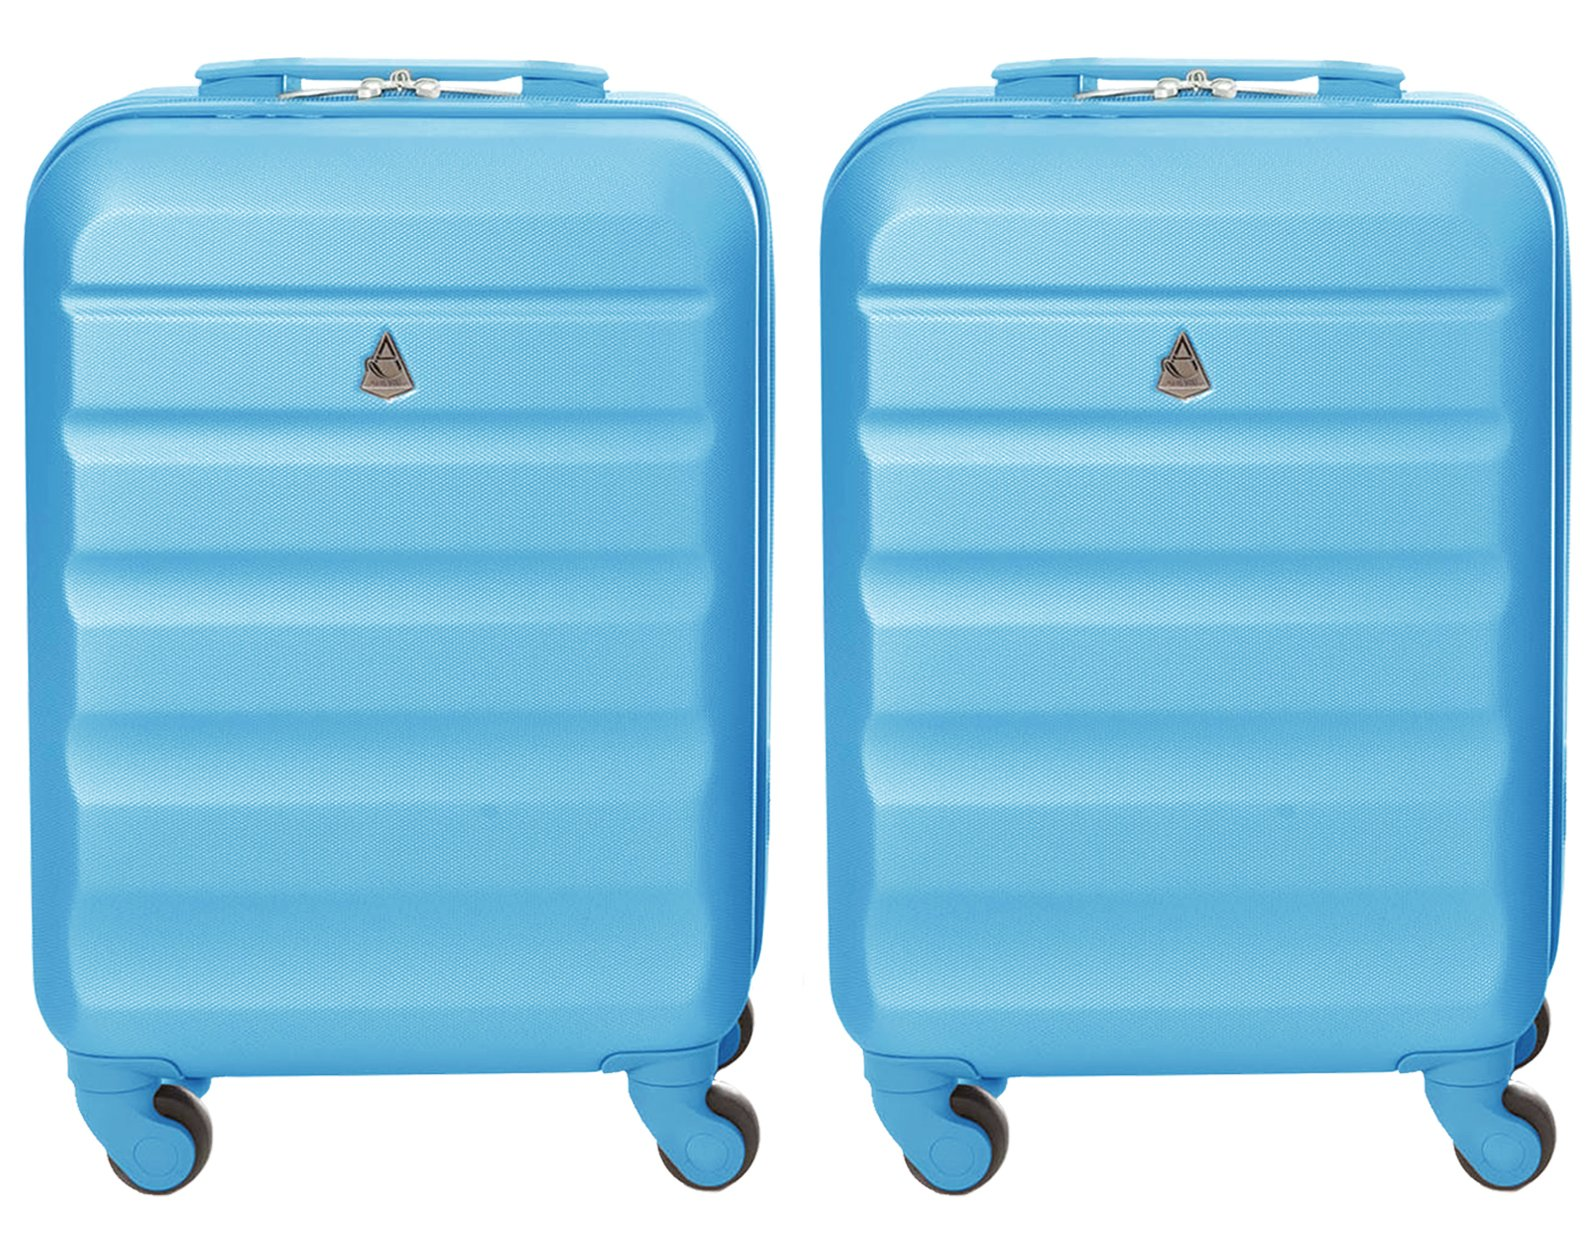 Aerolite-2-Teilig-Leichtgewicht-ABS-Hartschale-4-Rollen-Handgepck-Trolley-Koffer-Bordgepck-Kabinentrolley-Reisekoffer-Gepck-Genehmigt-fr-Ryanair